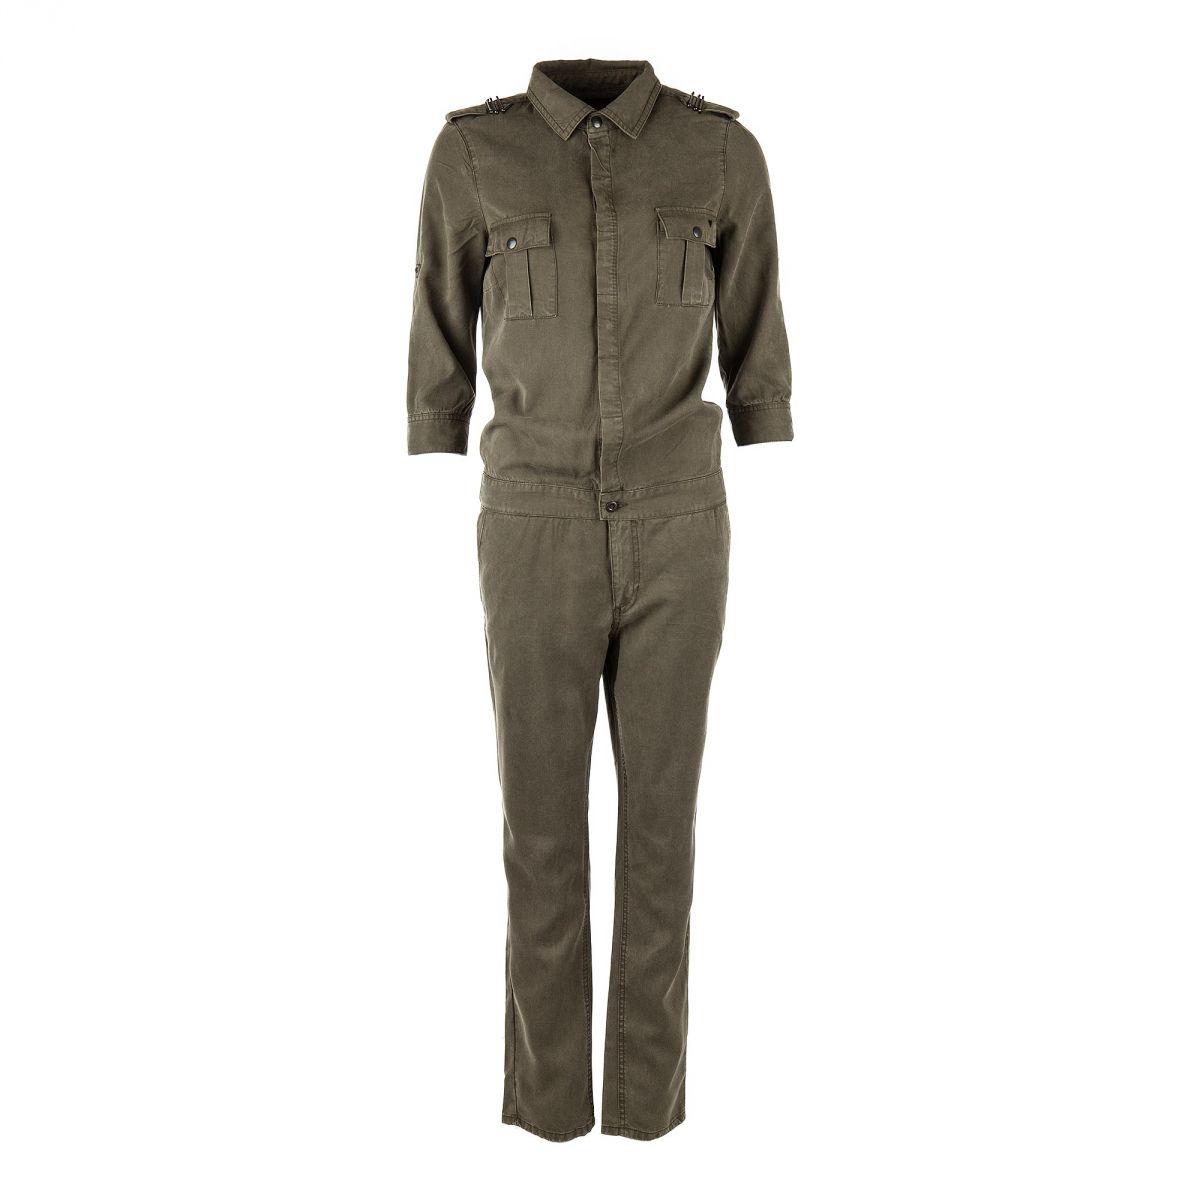 85016d3514 Combinaison pantalon kaki Femme On You marque pas cher prix dégriffés  destockage ...